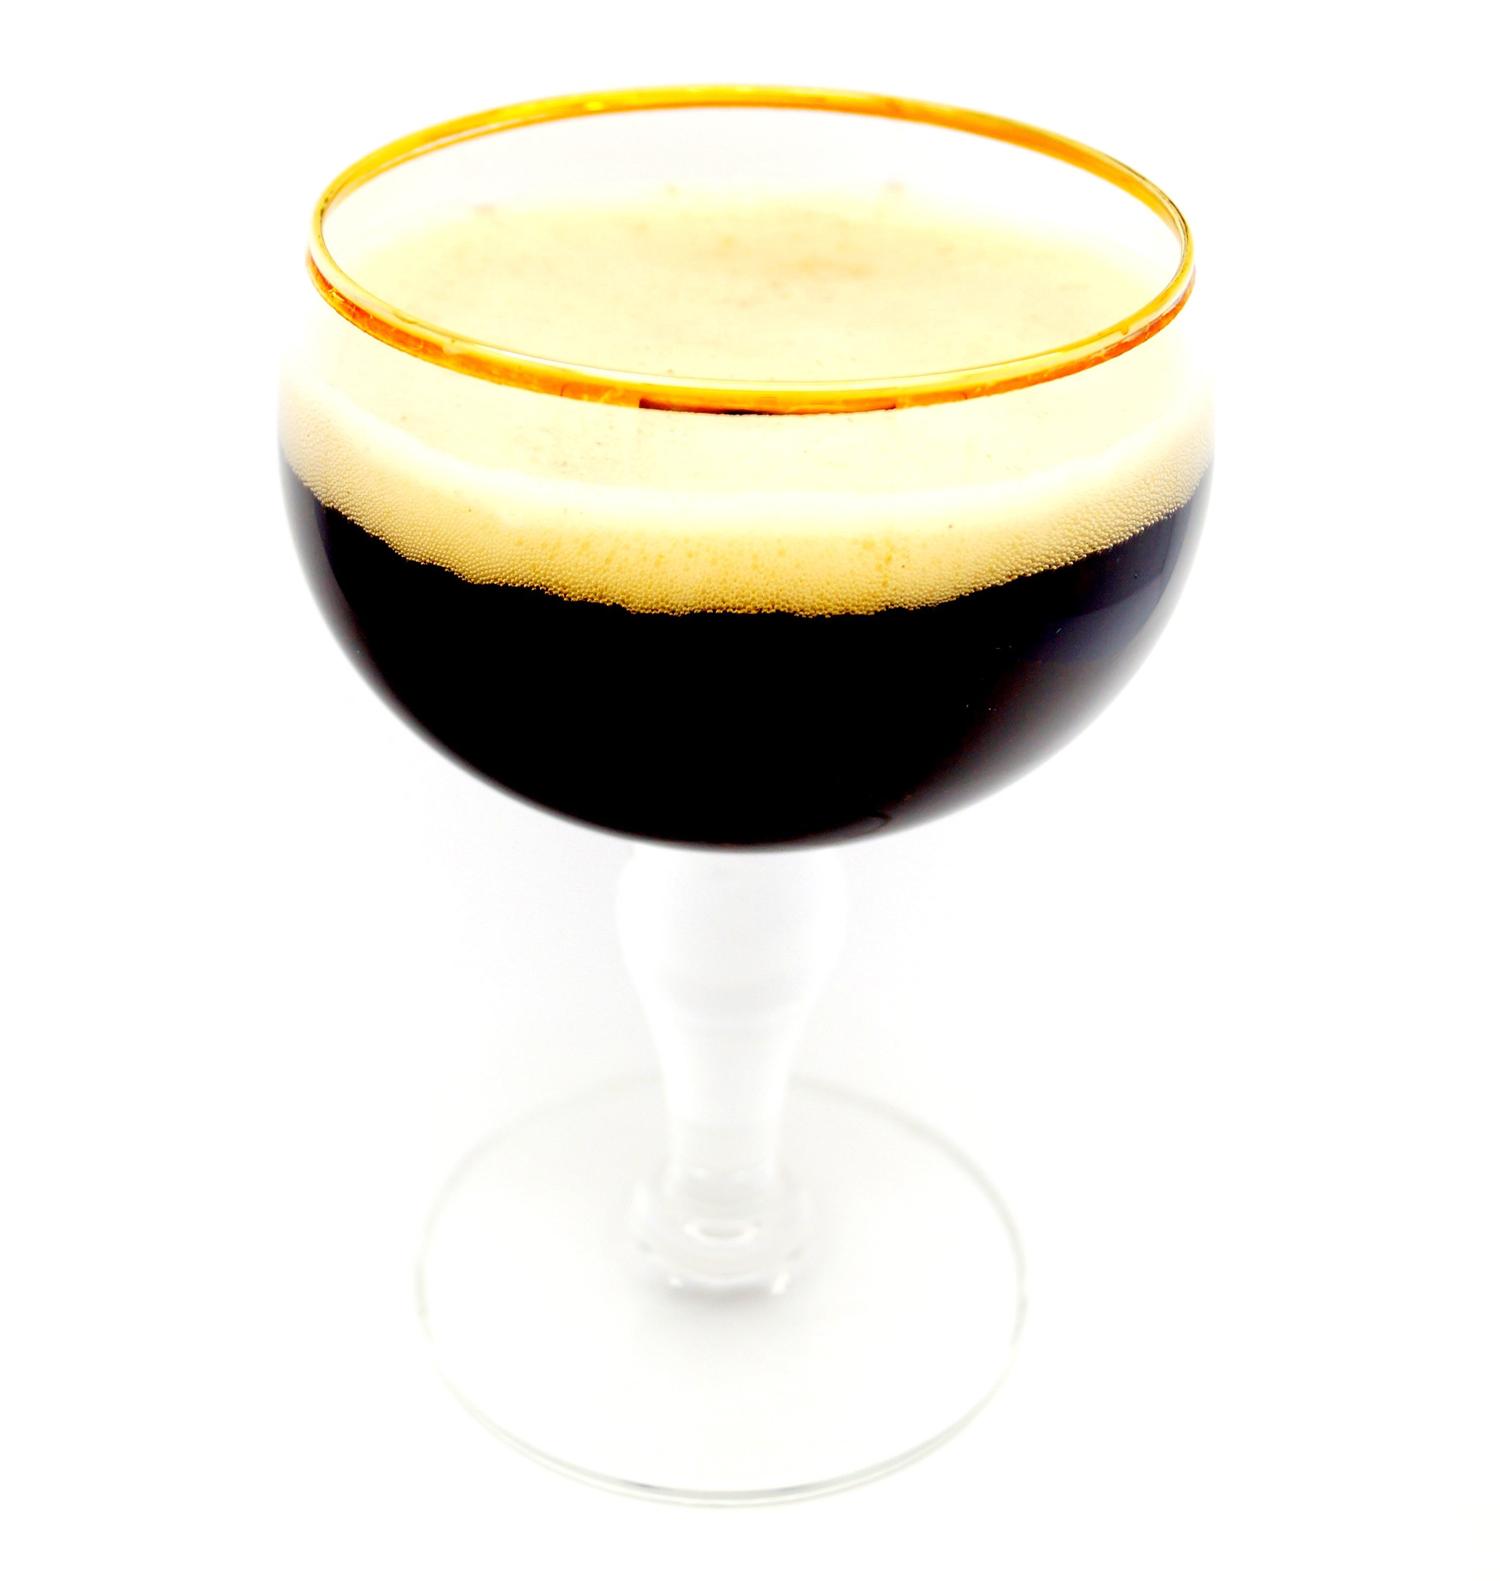 I Belgia er de ofte litt mer leken i smaken til ølet, de tørr oftere å eksperimentere og overdrive litt.Ofte kan det være hint av karamell, eller andre søtlige smaker som slår an. Samtidig er det også flere internasjonalt ledene ølmerker fra Belgia med svært gamle oppskrifter som blir benyttet. Flere munkeklostre brygger sitt eget øl, og en kuriositet her er at det begrenses til en kasse øl i året pr person. Man må ringe på forhånd for å melde sin ankomstdato og samtidig oppgi sitt bilskilt. Ølhunder fra hele Europa valfarter til klostrene i Belgia for å ta hjem en kasse med  trappistes, brygget av munkene selv. Ølet som brygges her holder ofte en høy alkoholprosent og er full av rik aroma - perfekt som en langsom halvliter til tippekampen.